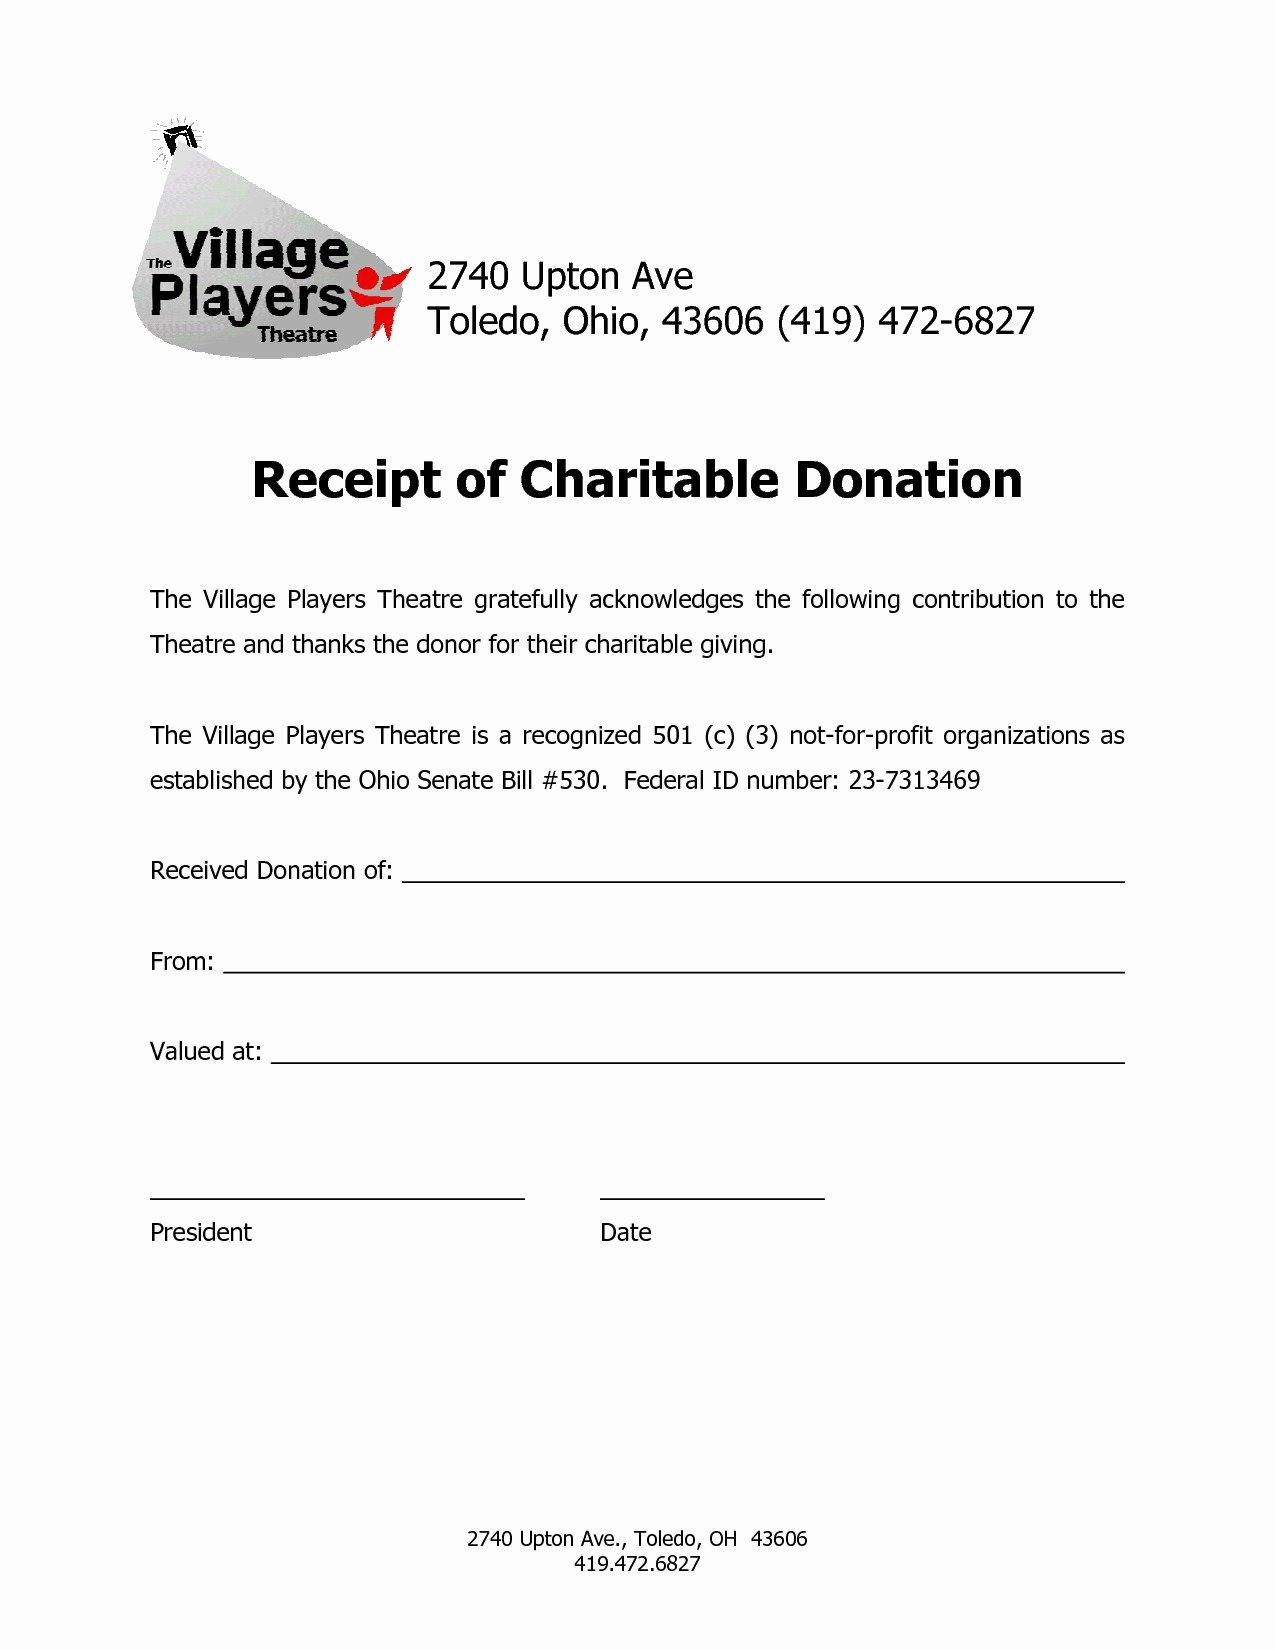 Non Profit Donation Receipt Template Fresh Non Profit Tax Deduction Letter Template Sample